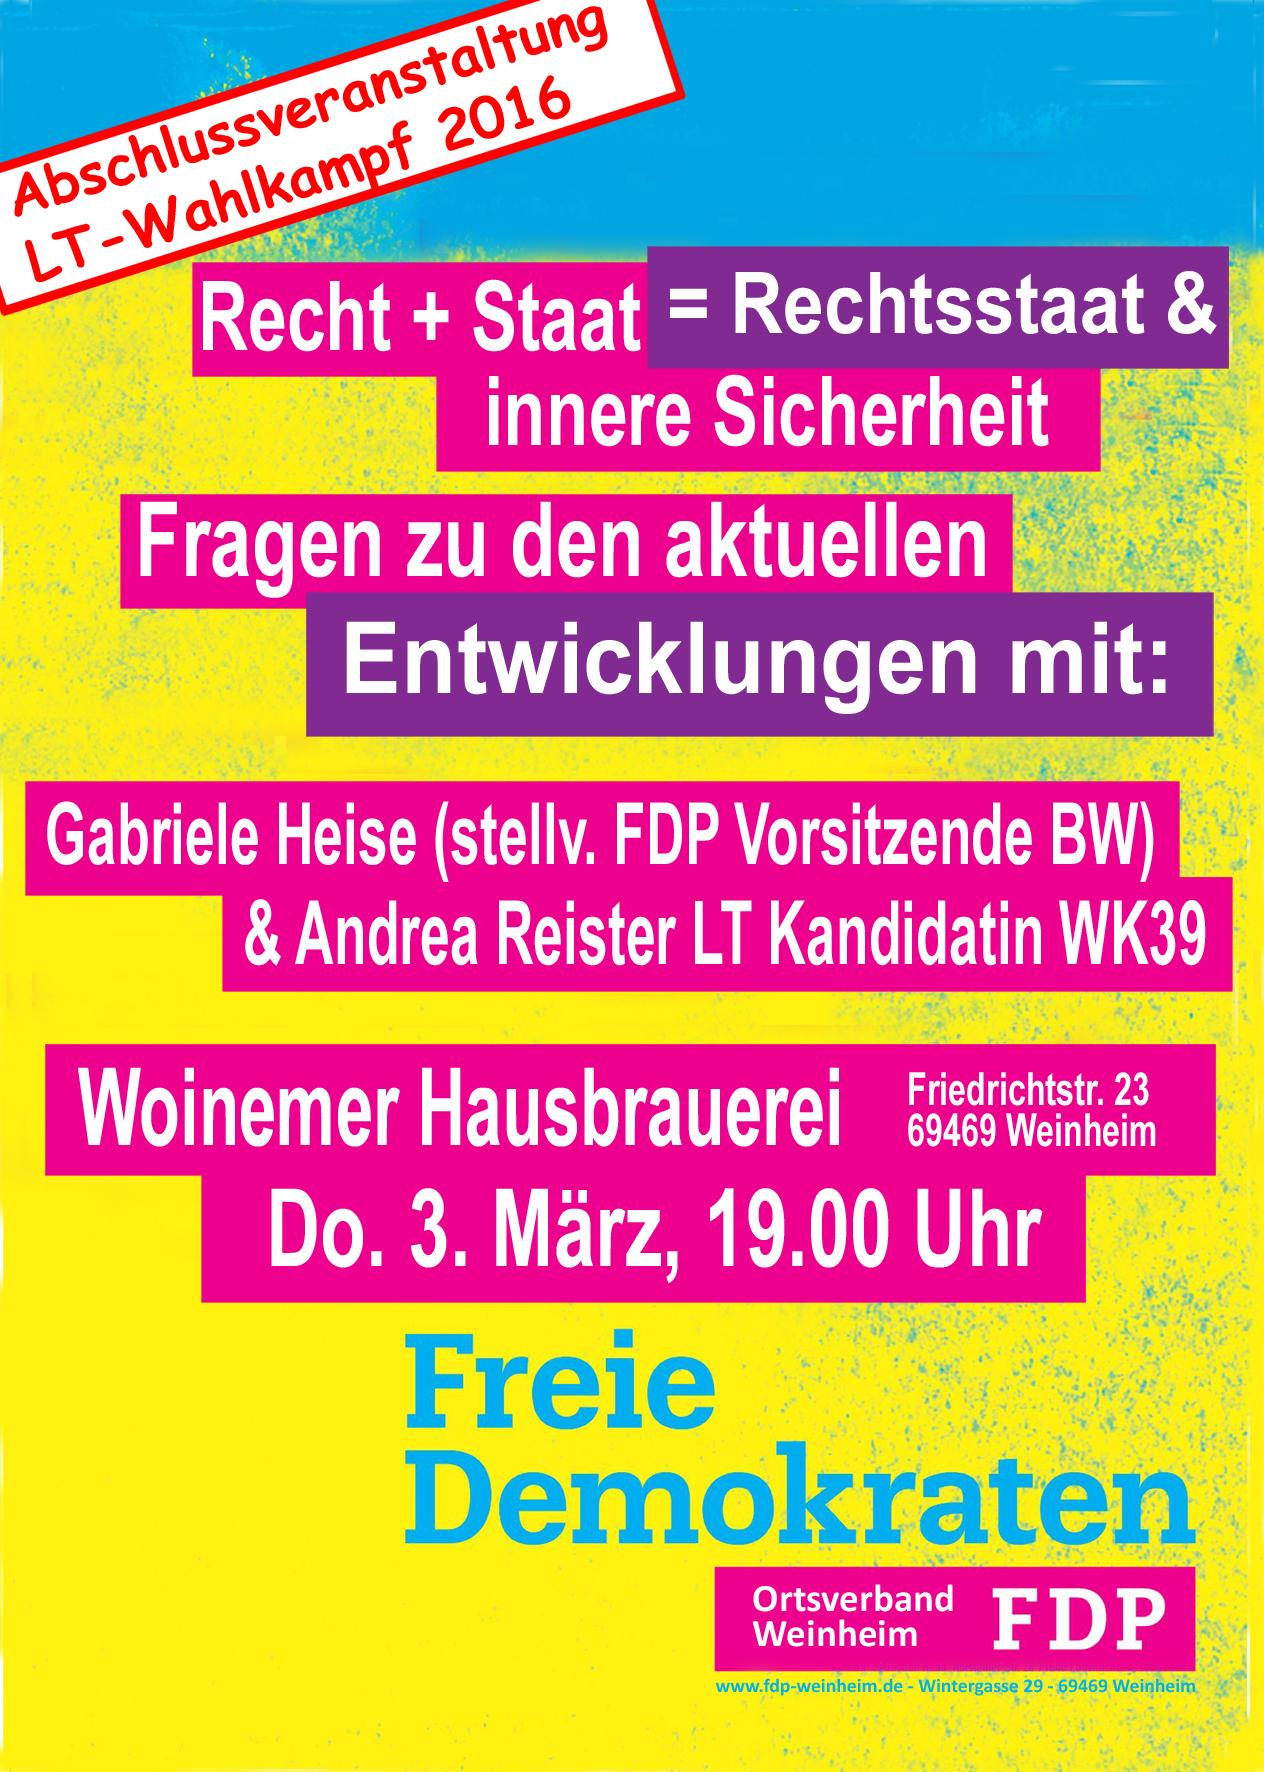 FDP Postkarte Abschluss VA